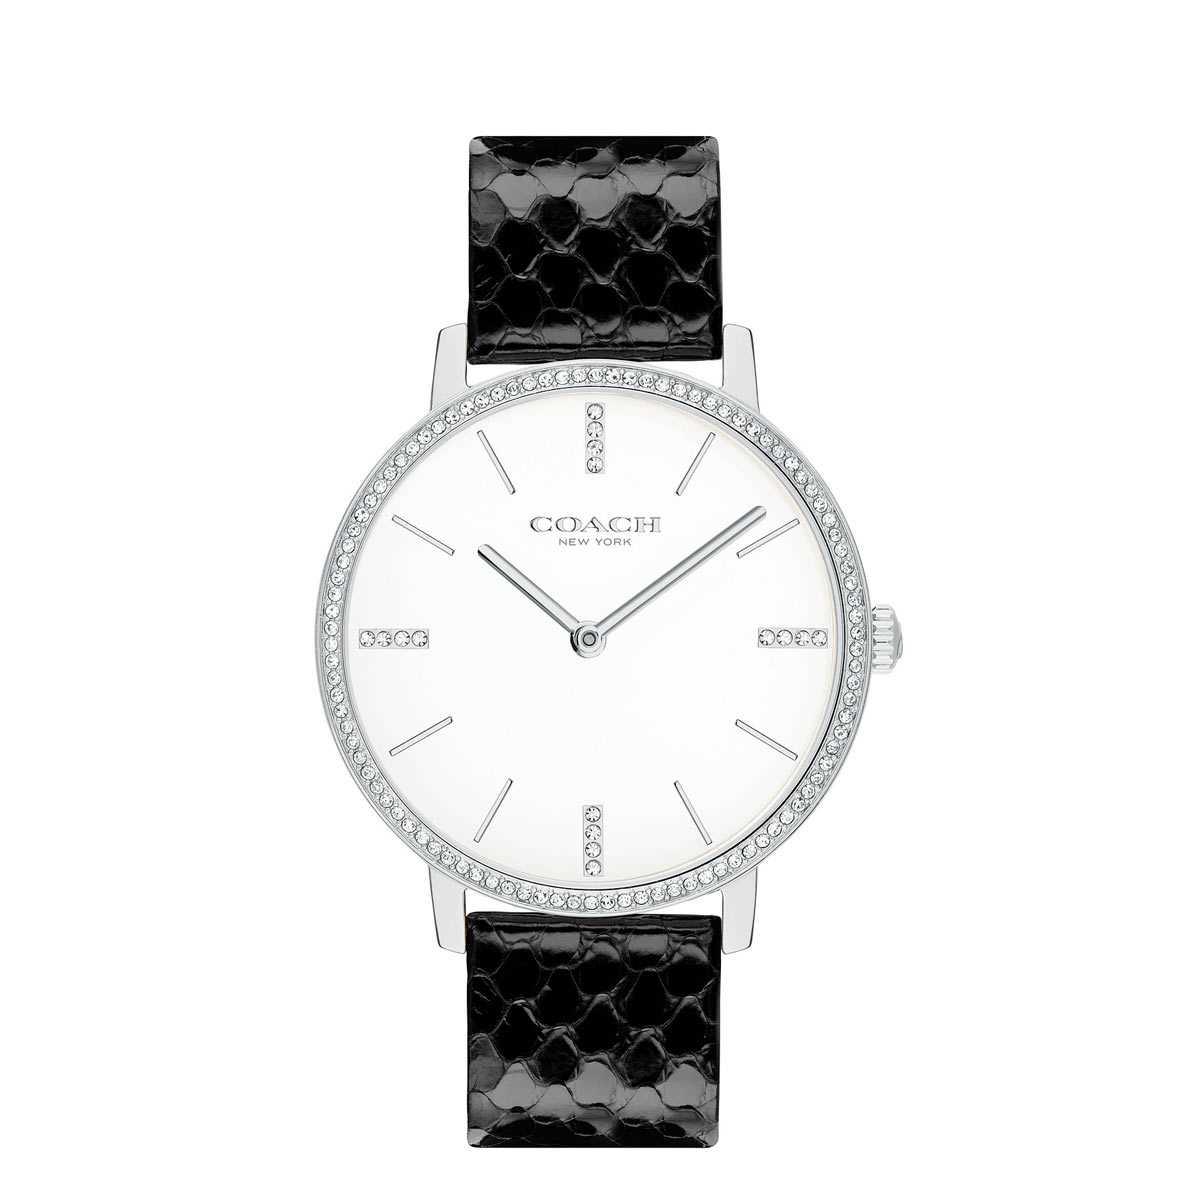 コーチ 腕時計 レディース 買取 ブランド 時計 かわいい 本日限定 後払い おしゃれ Audrey 女性 COACH オードリー